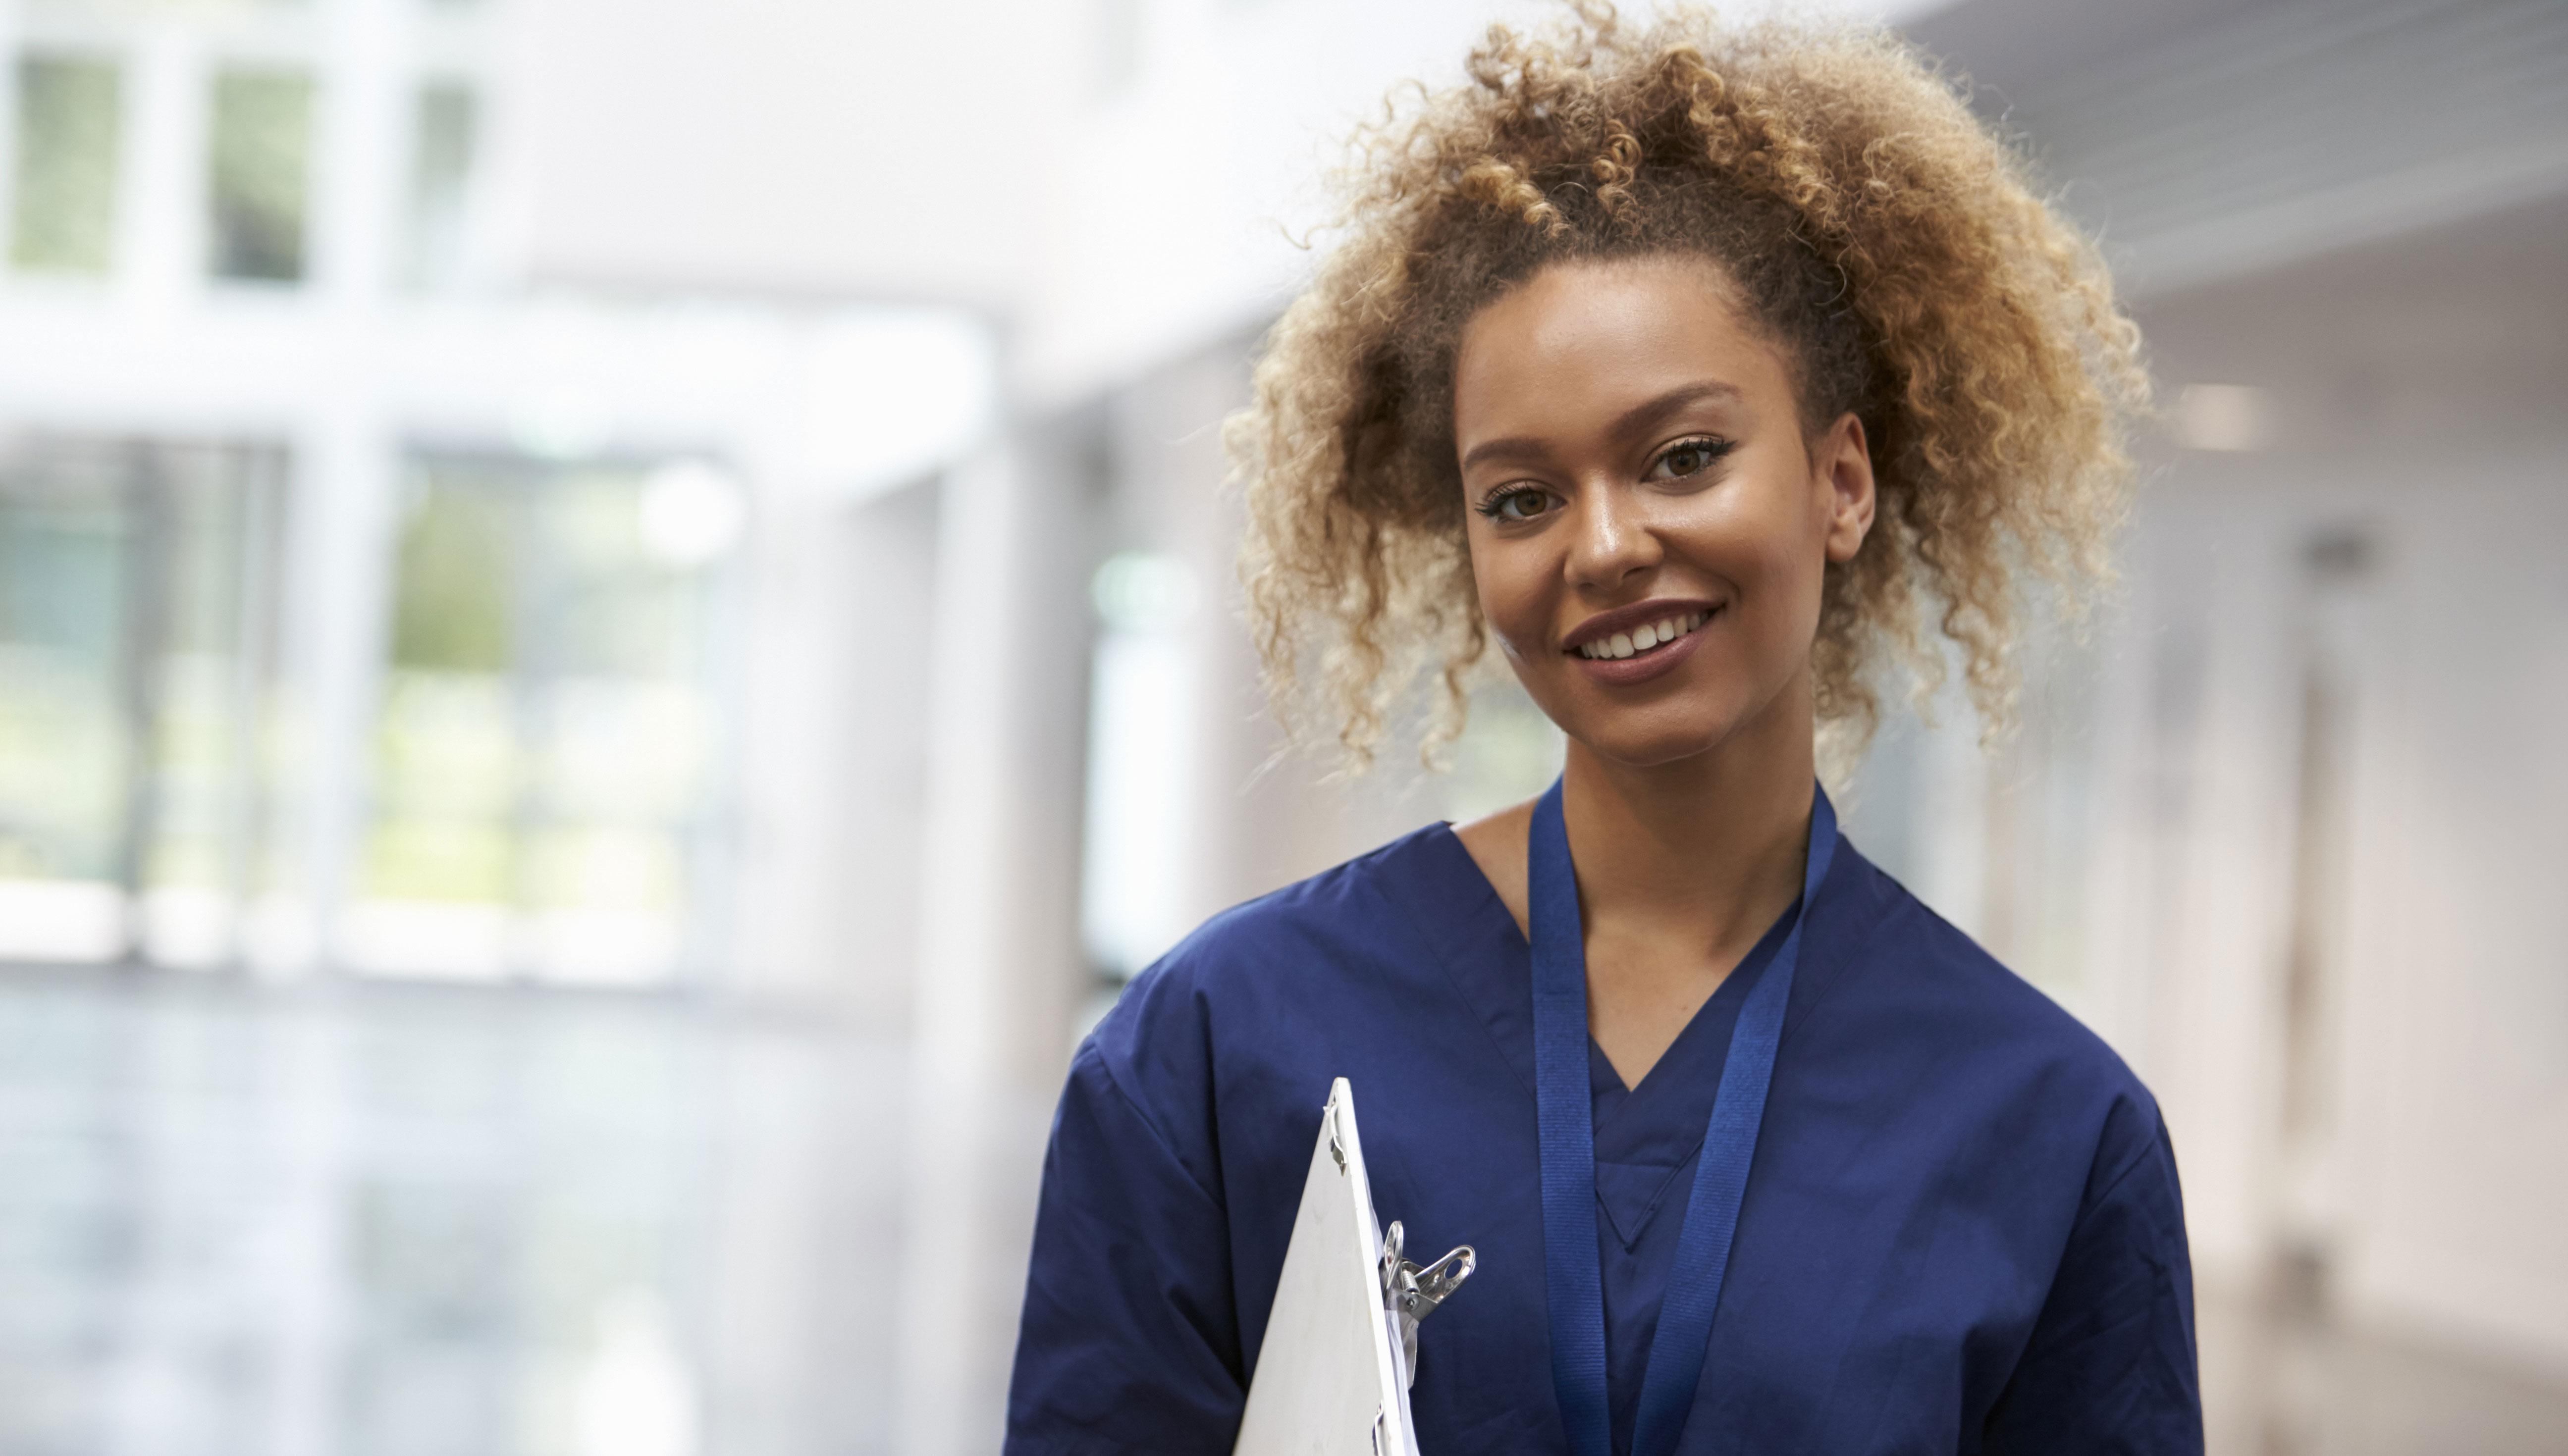 LPN/LVN - Licensed Practical/Vocational Nurse - Go Nursing Schools